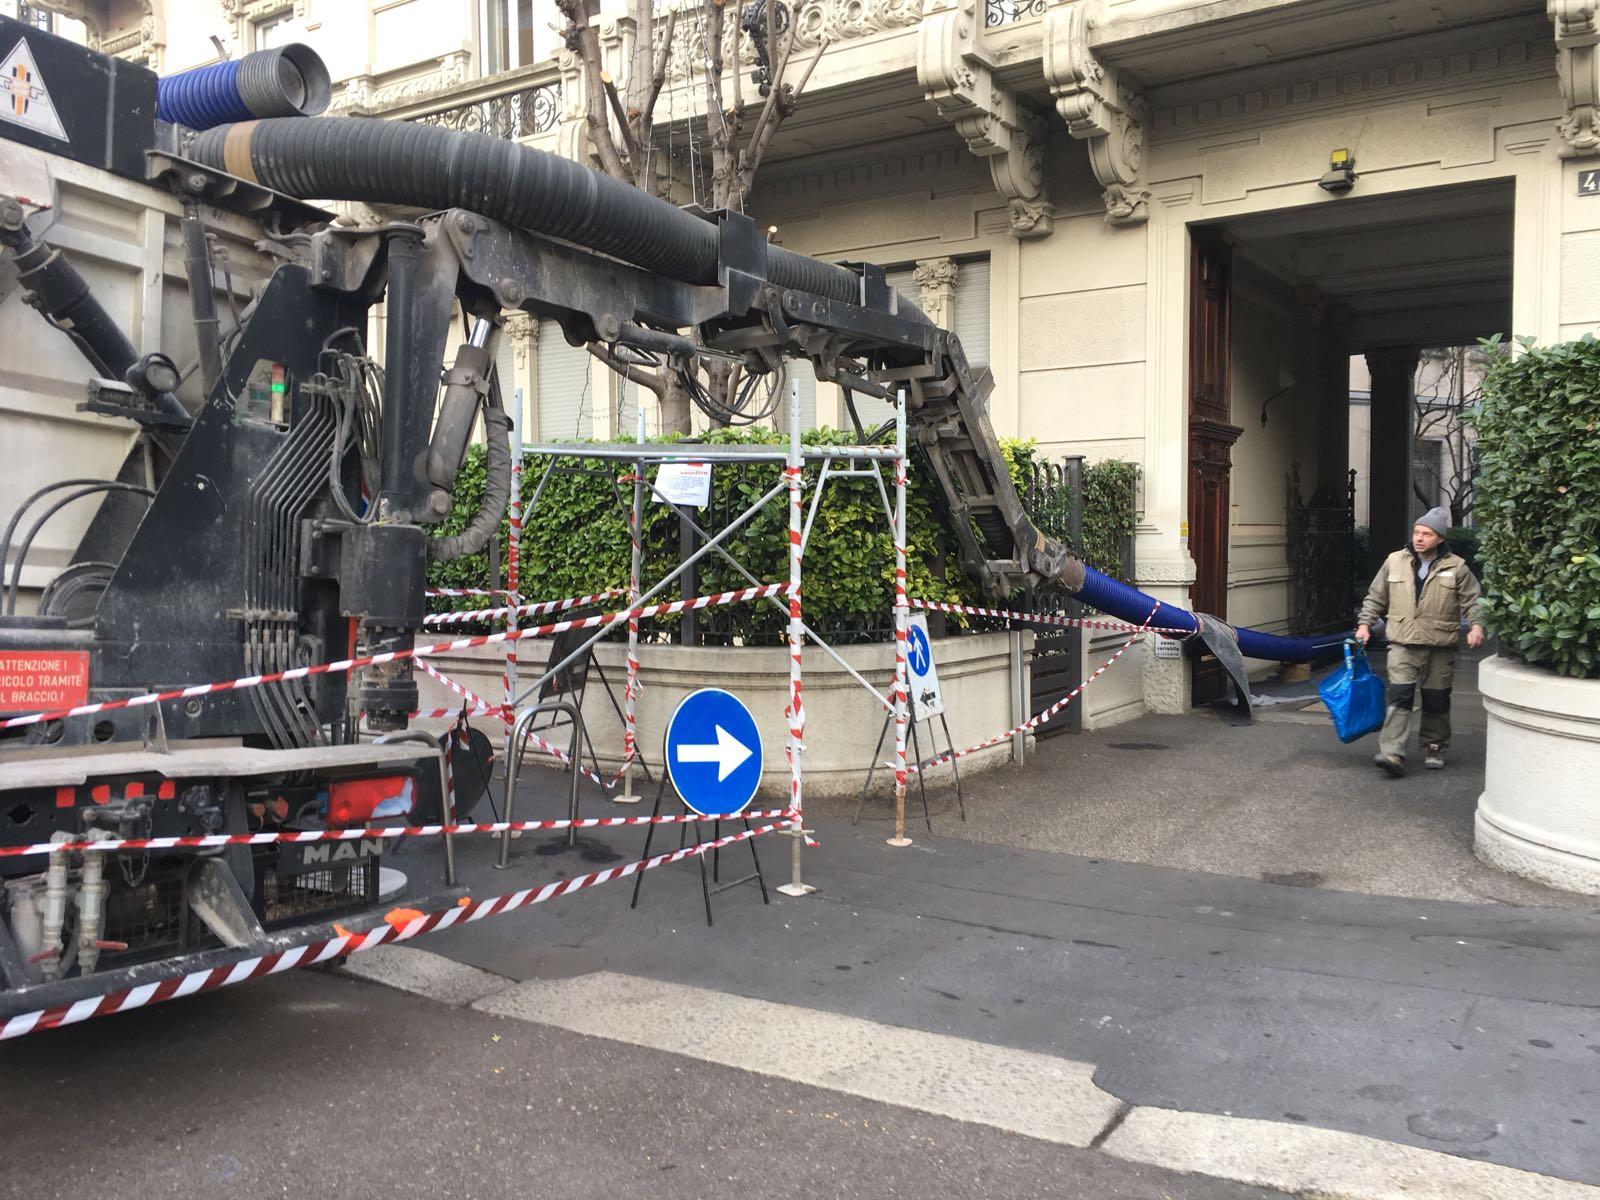 3. Messa in sicurezza dell'escavatore a risucchio con predisposizione laterale di passaggio pedonale in via Mondadori: lavori in corso.